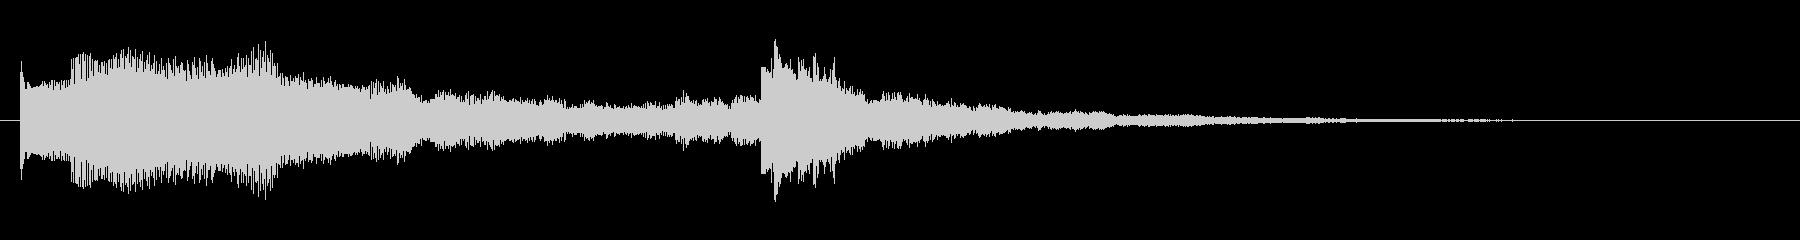 オープニングなどに使えるジングルBGMの未再生の波形